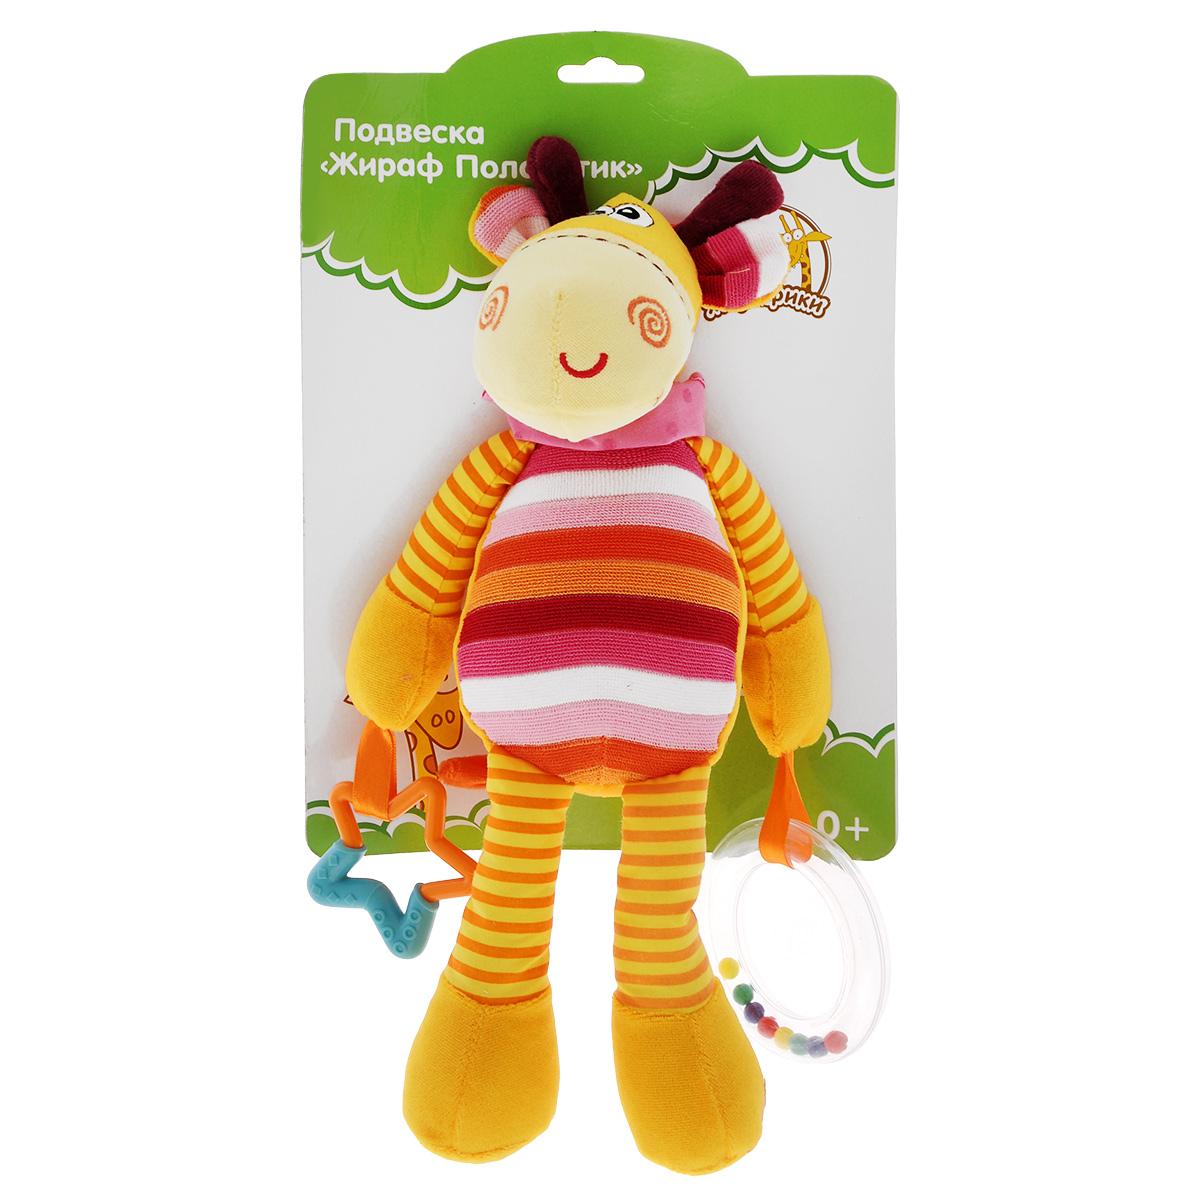 Развивающая игрушка Жирафики Жирафик, цвет: желтый, розовый93656_розовый/желтыйРазвивающая игрушка Жирафики Жирафик - это комбинация мягкой игрушки и погремушки. Игрушка сшита из ярких тканей разных цветов. Как же весело и интересно ее рассматривать! А держать ее в маленьких ручках еще интереснее, ведь она таит в себе столько приятных сюрпризов! Игрушка помогает развивать навыки слухового, зрительного и тактильного восприятия, а также способствует расширению кругозора малыша.